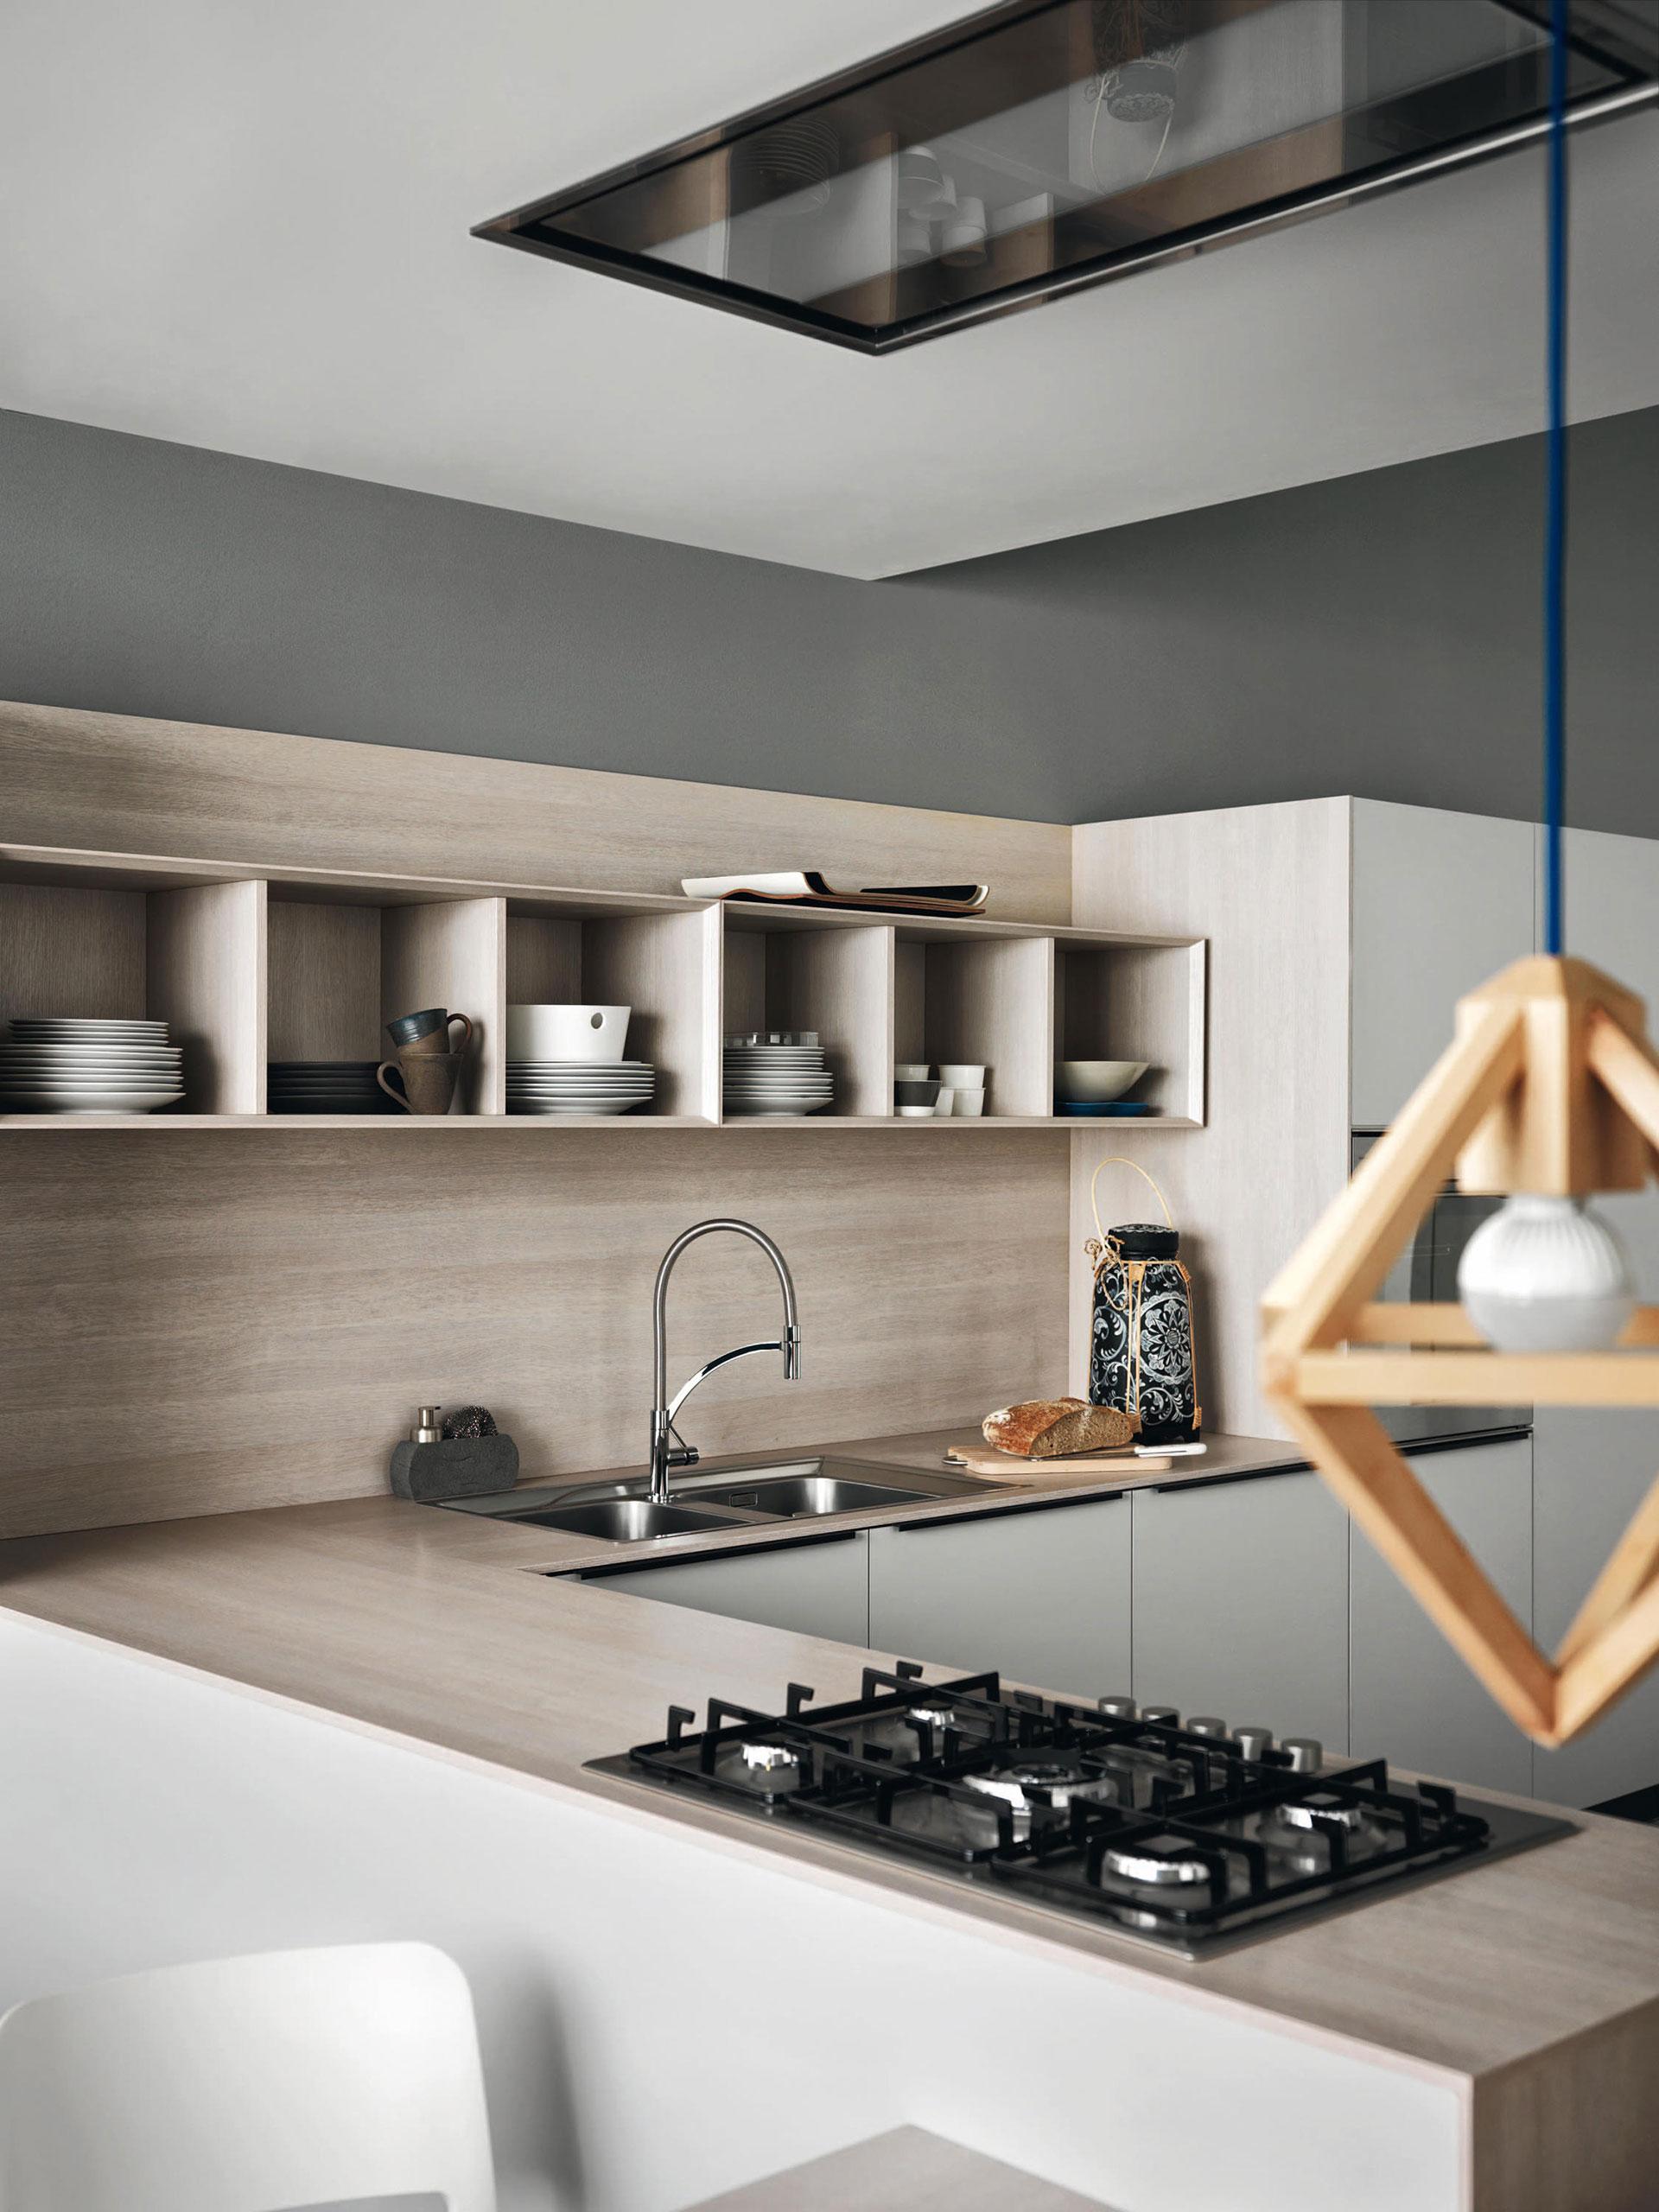 GI.Emme cucine quarrata - cucine di design con finiture esclusive